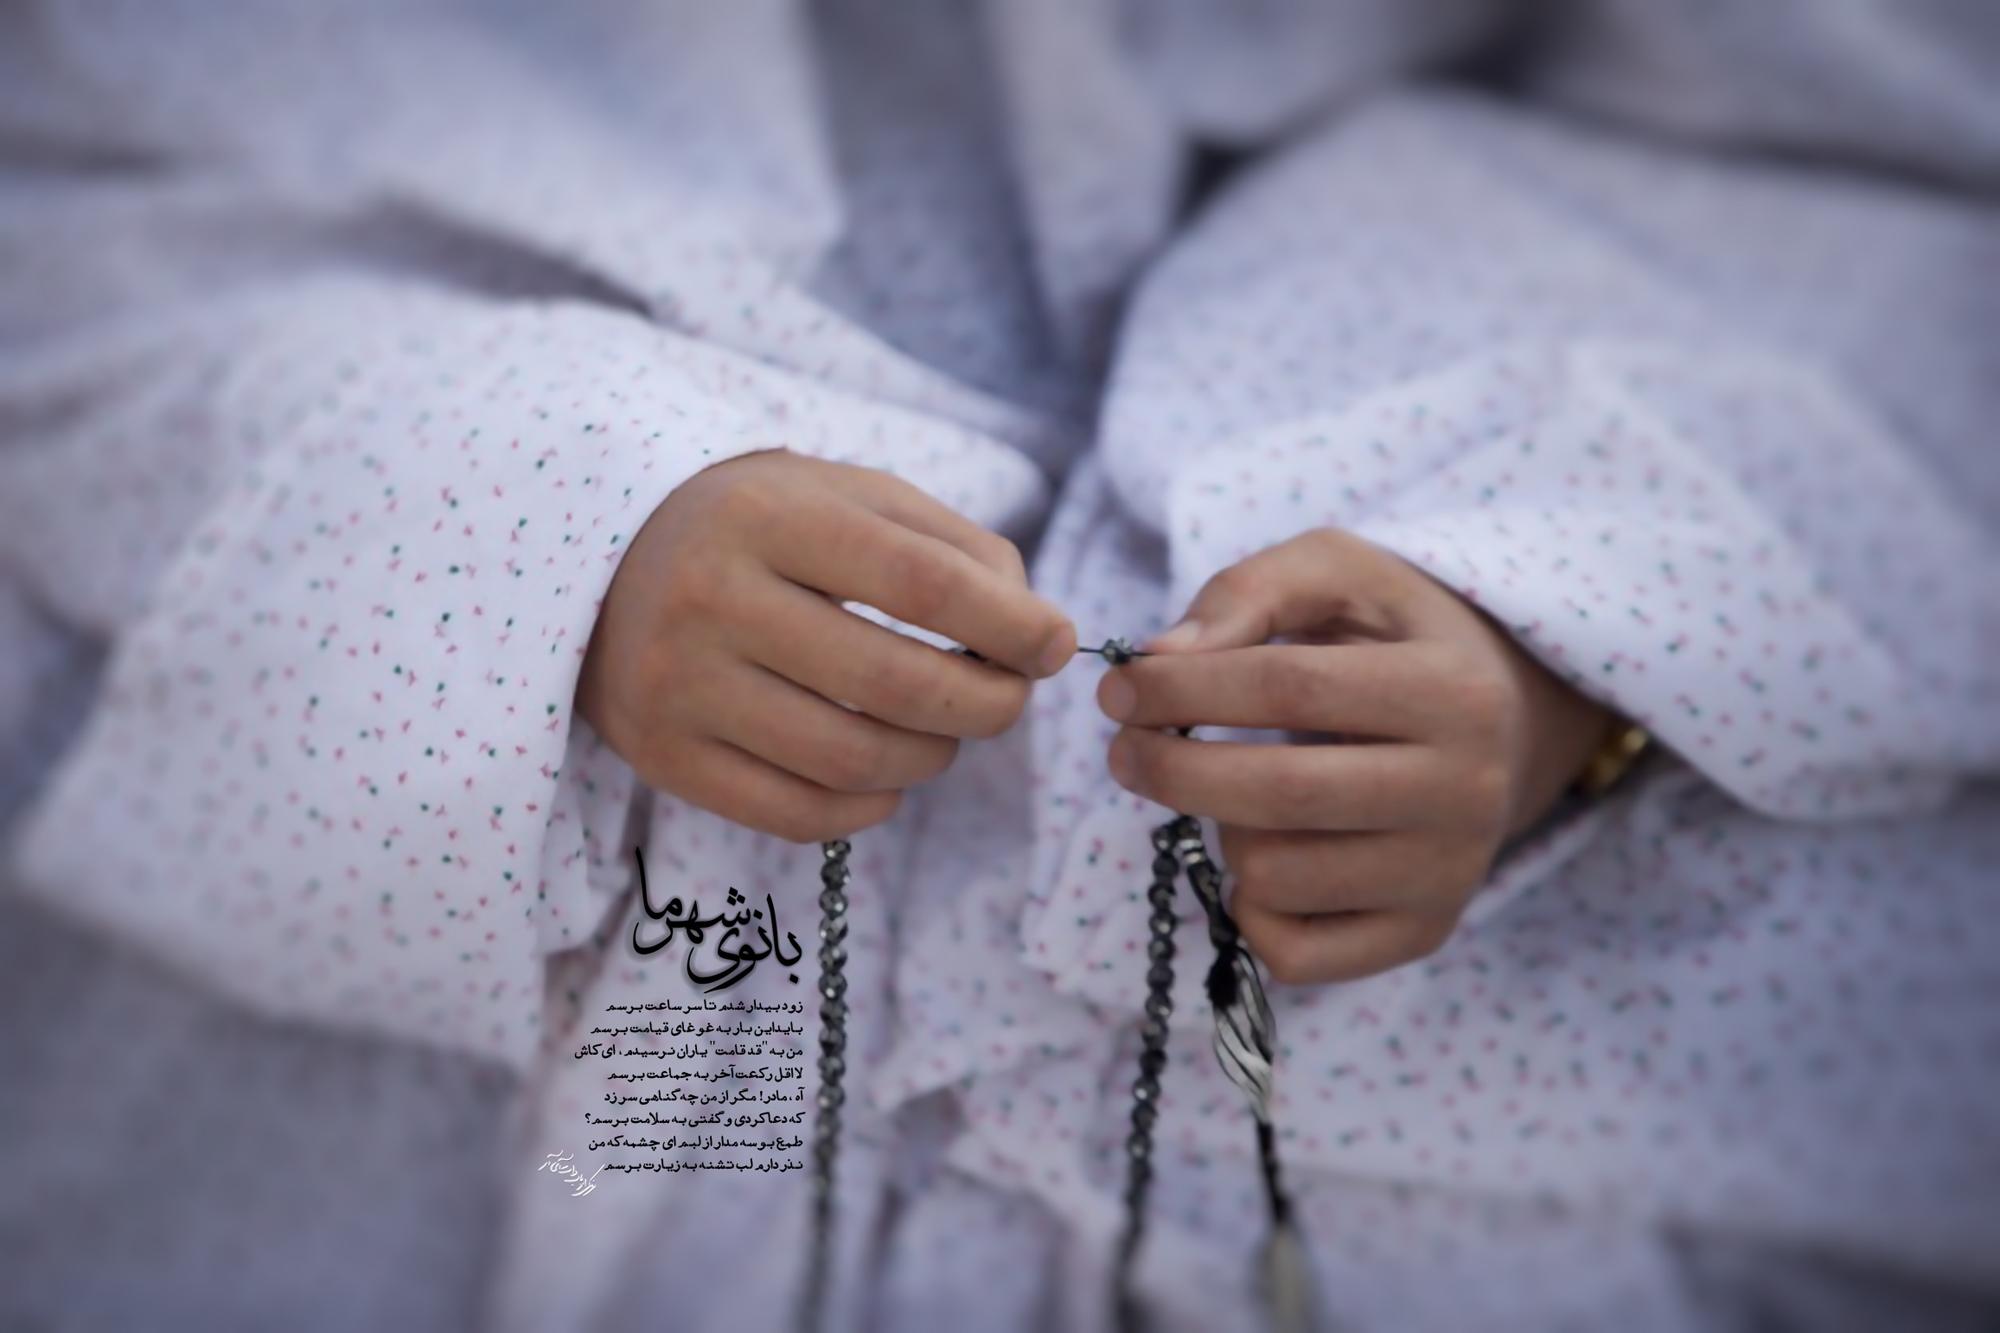 ♥♥ مرواریدی در صدف...(ویژه نامه ی روز ملی حجاب و عفاف) ♥♥